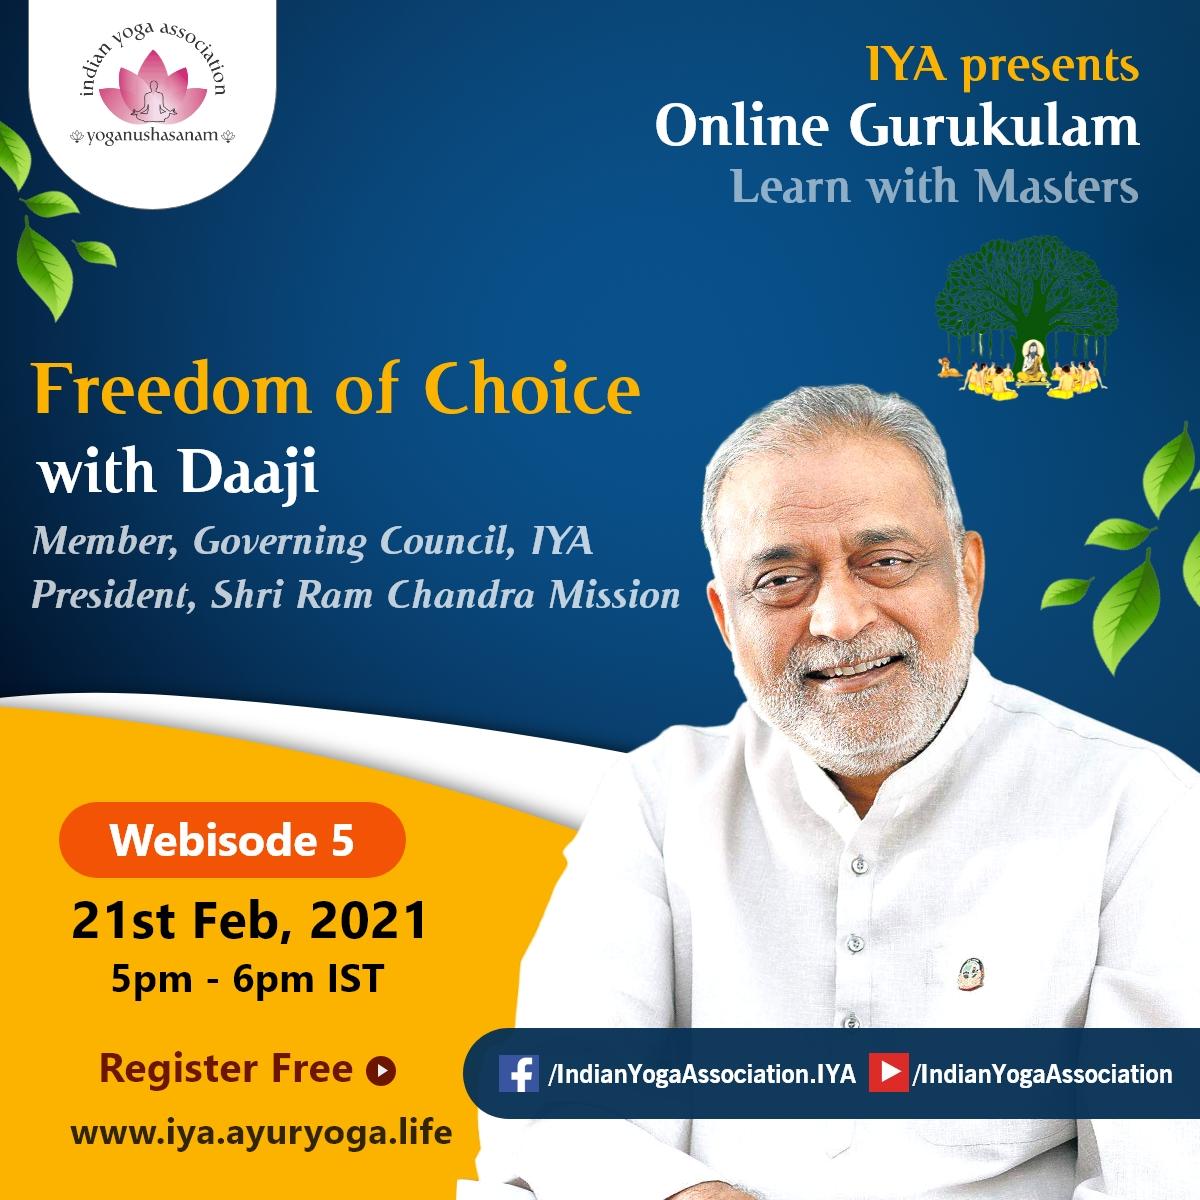 Daaji Kamlesh D. Patel, Member, GC, IYA